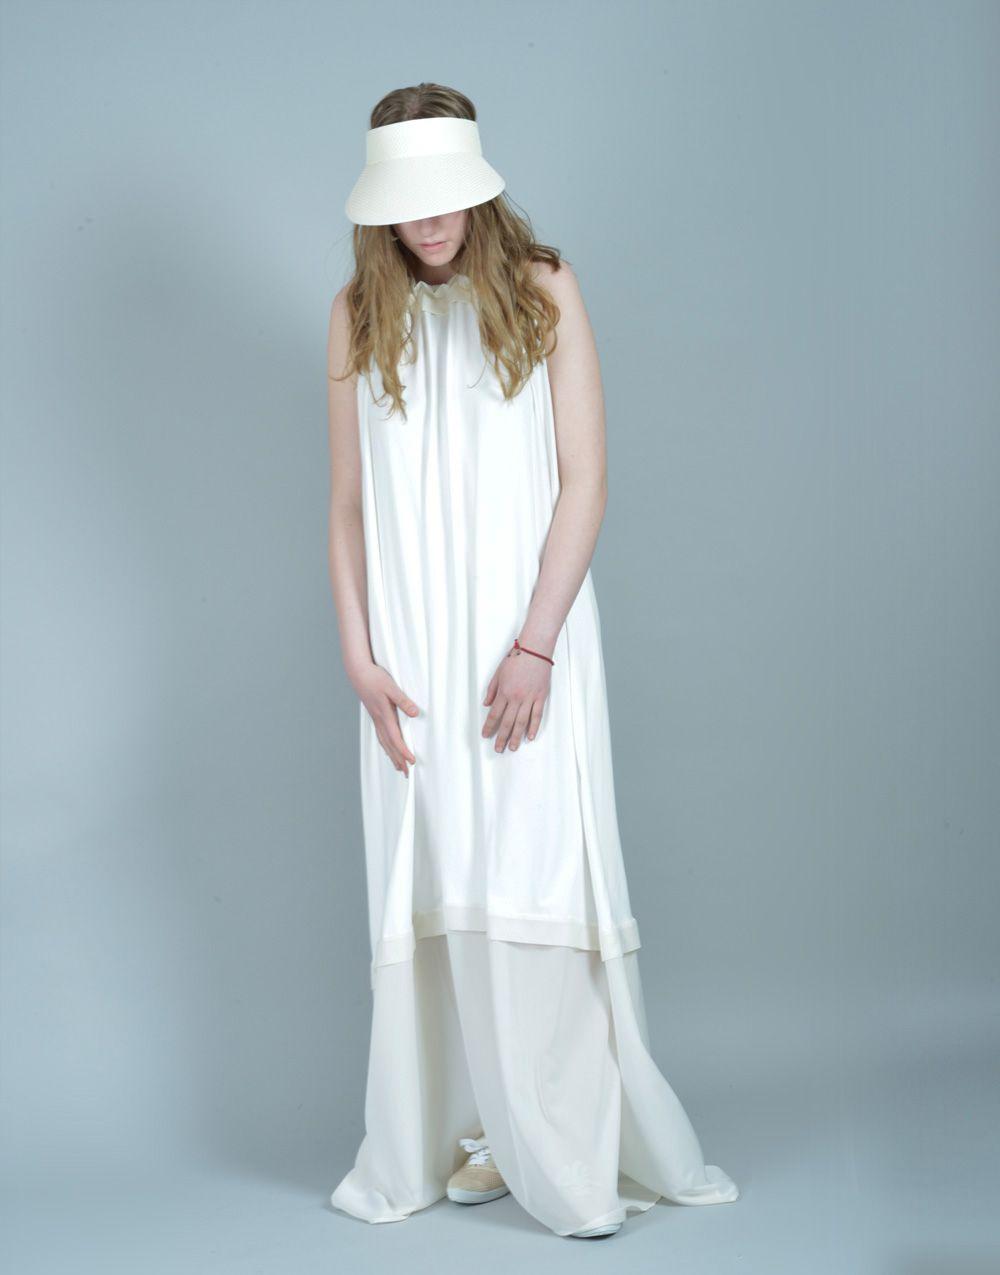 White Dress, Chiffon Dress, Summer Dress, Draped Dress, Sleeveless ...